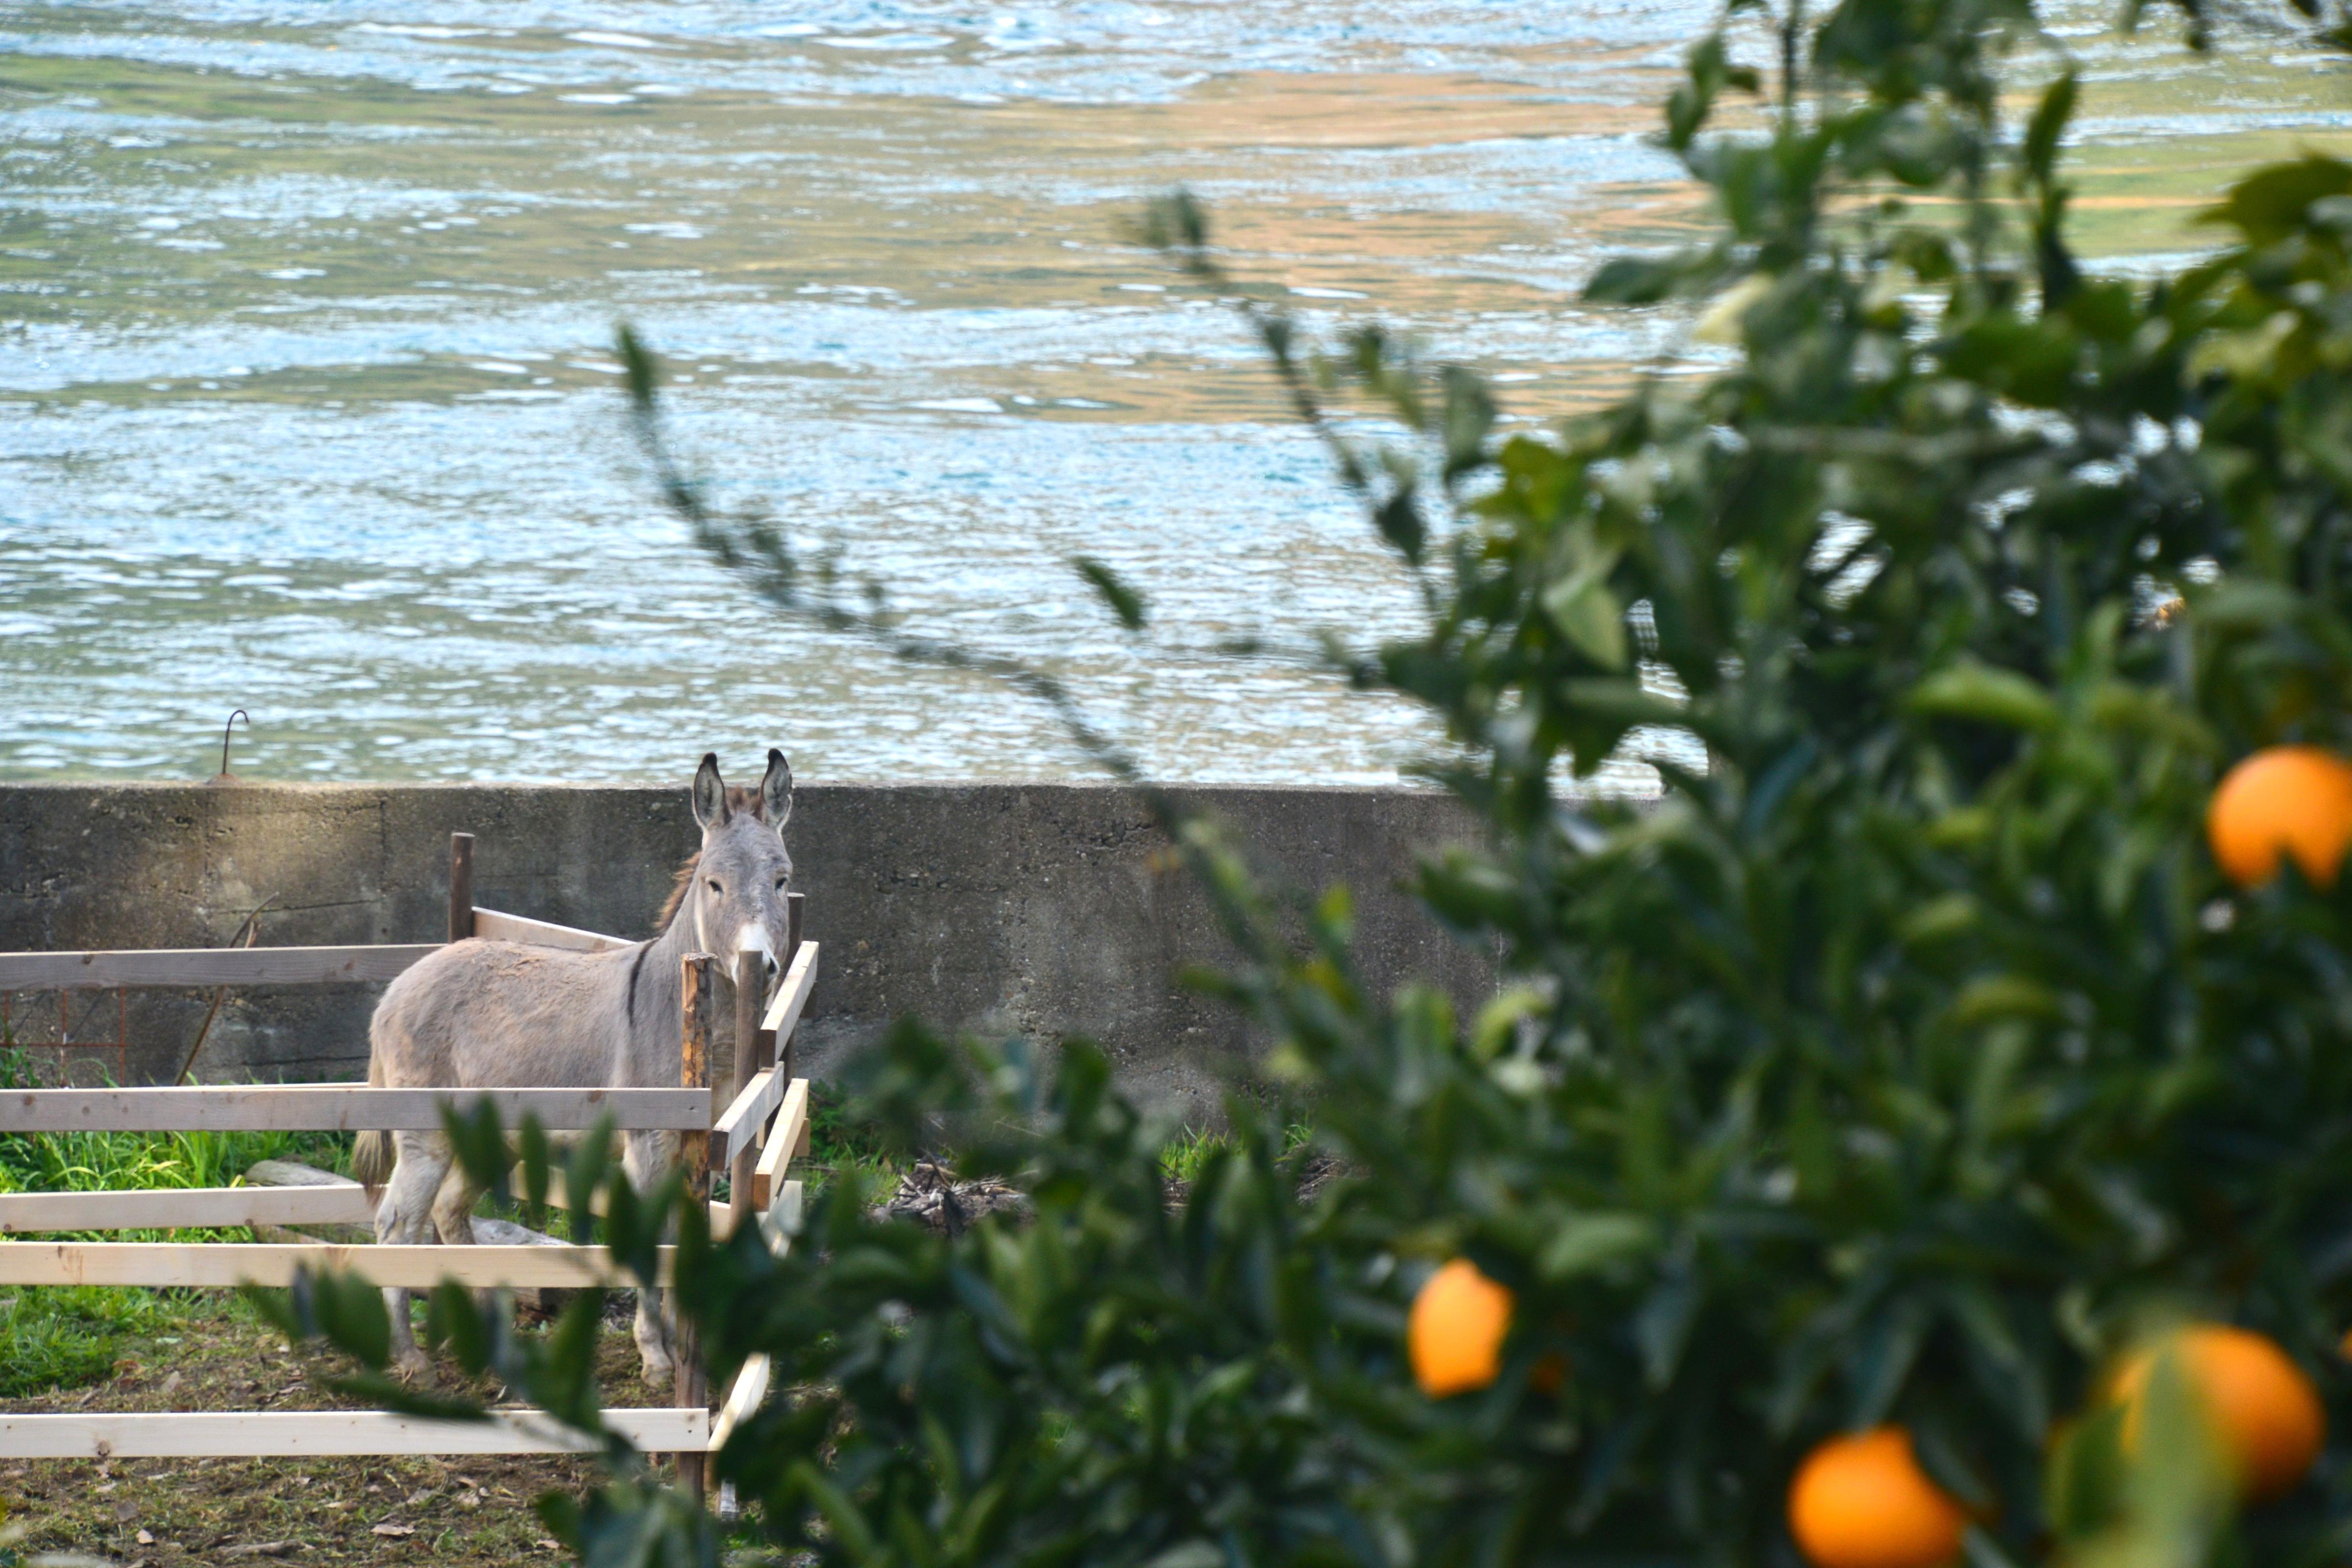 瀬戸内を眺める絶景のかんきつ農園。岡村島 – Okamura island   物語を ...